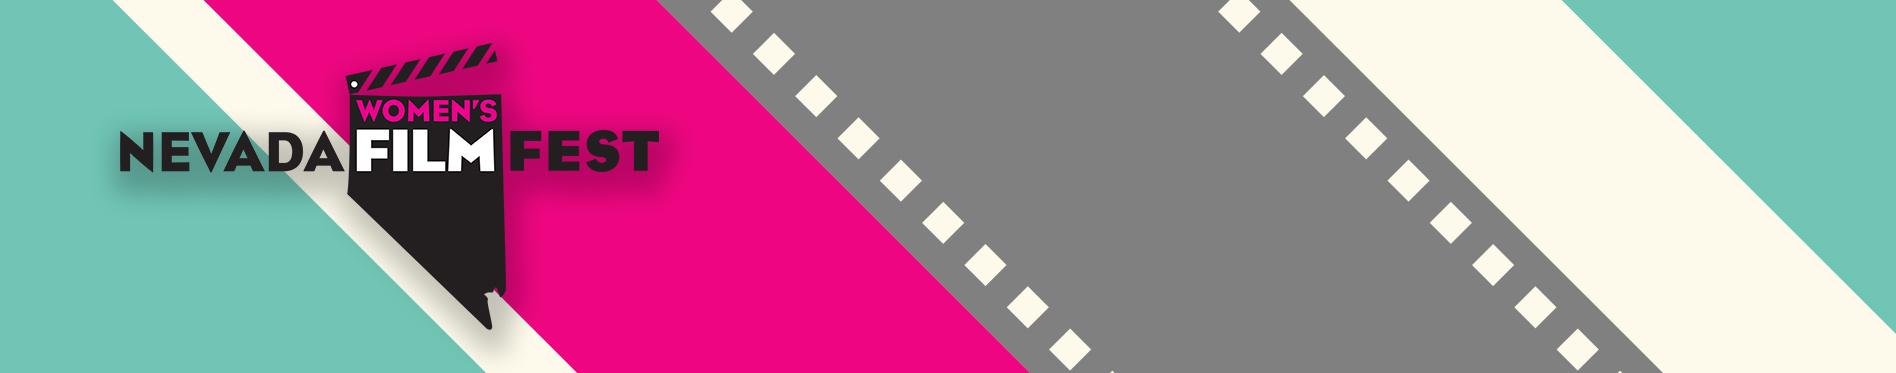 Nevada Women's Film Festival 2021